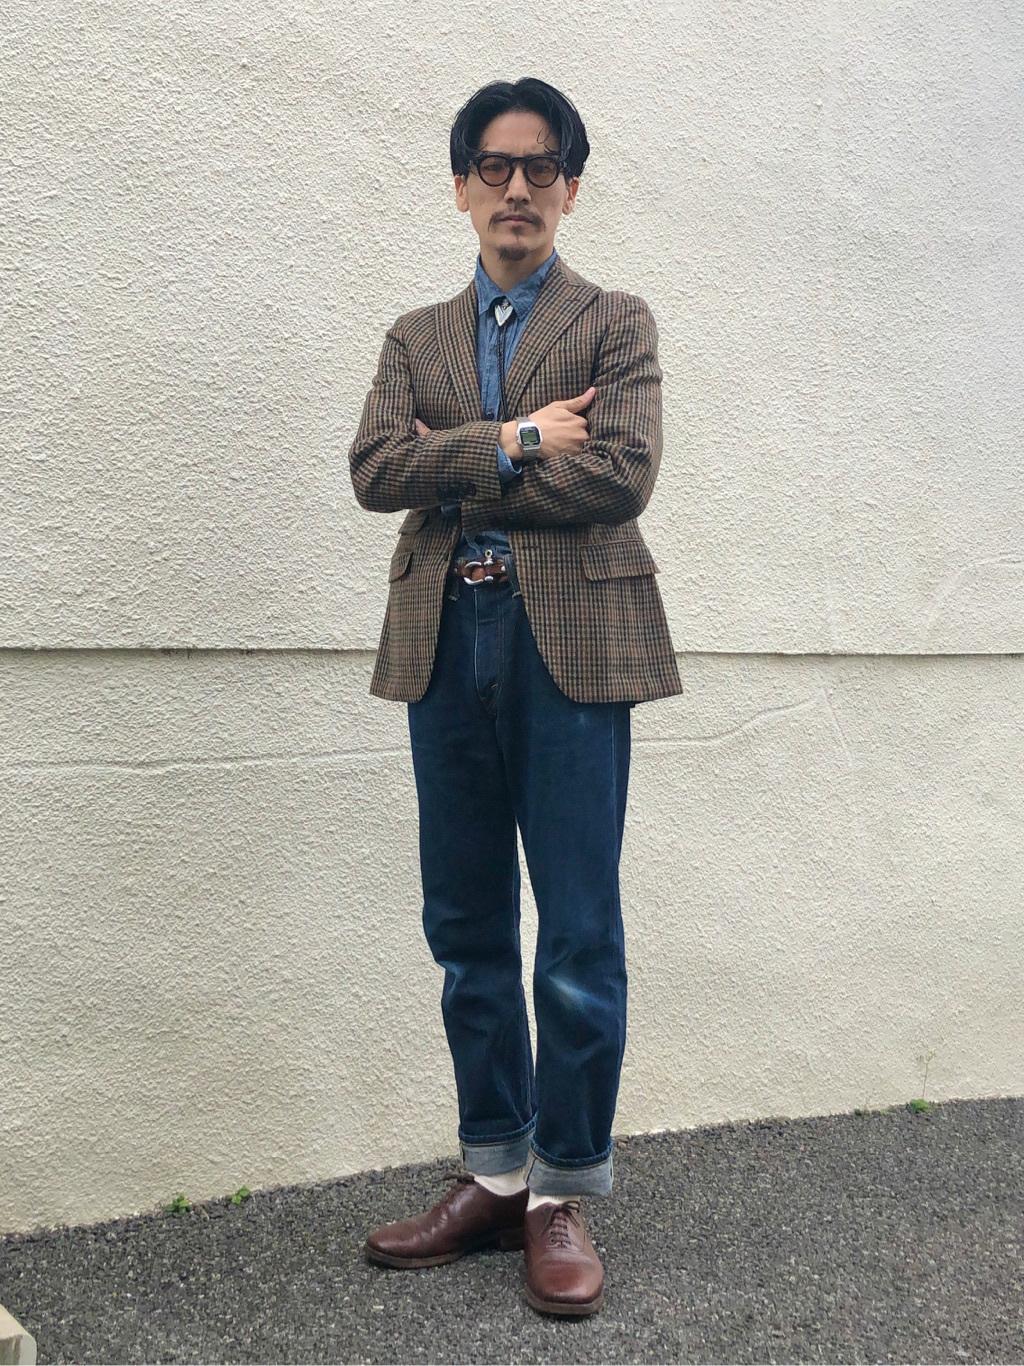 大阪店のサカモトヒロシさんのLeeのARCHIVES REAL VINTAGE 101Z 1952年復刻モデル (RAW 生デニム)を使ったコーディネート